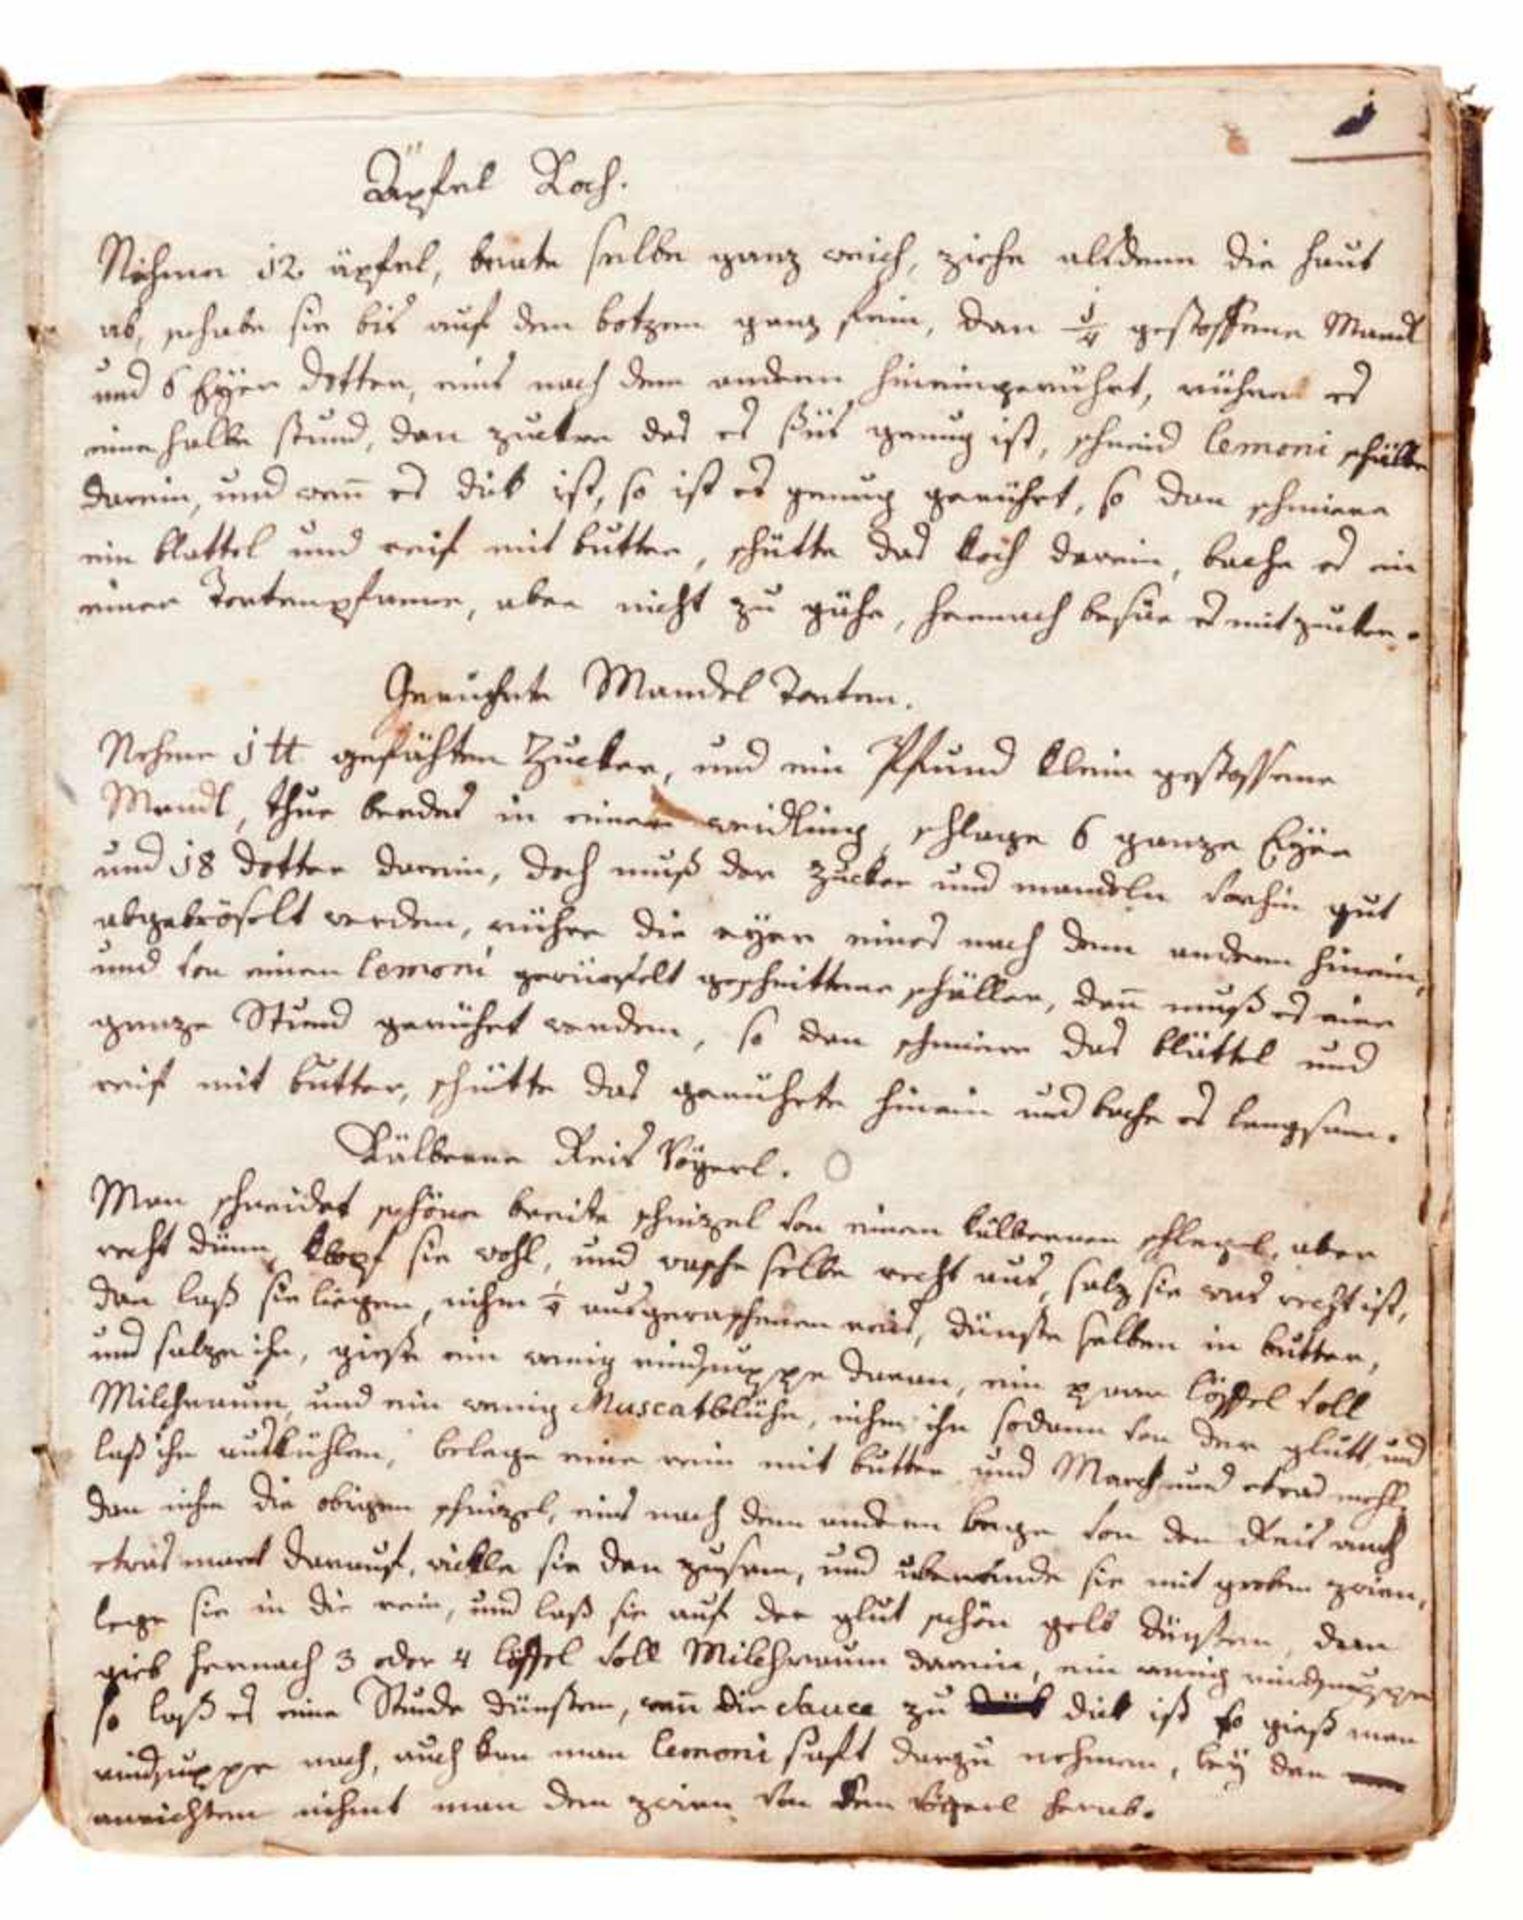 Kochbuch - Deutsche Handschrift auf Papier.Wohl Wien, um 1780-1850. 4°. 130 S. (ohne S. 21/22), 20 - Bild 2 aus 4